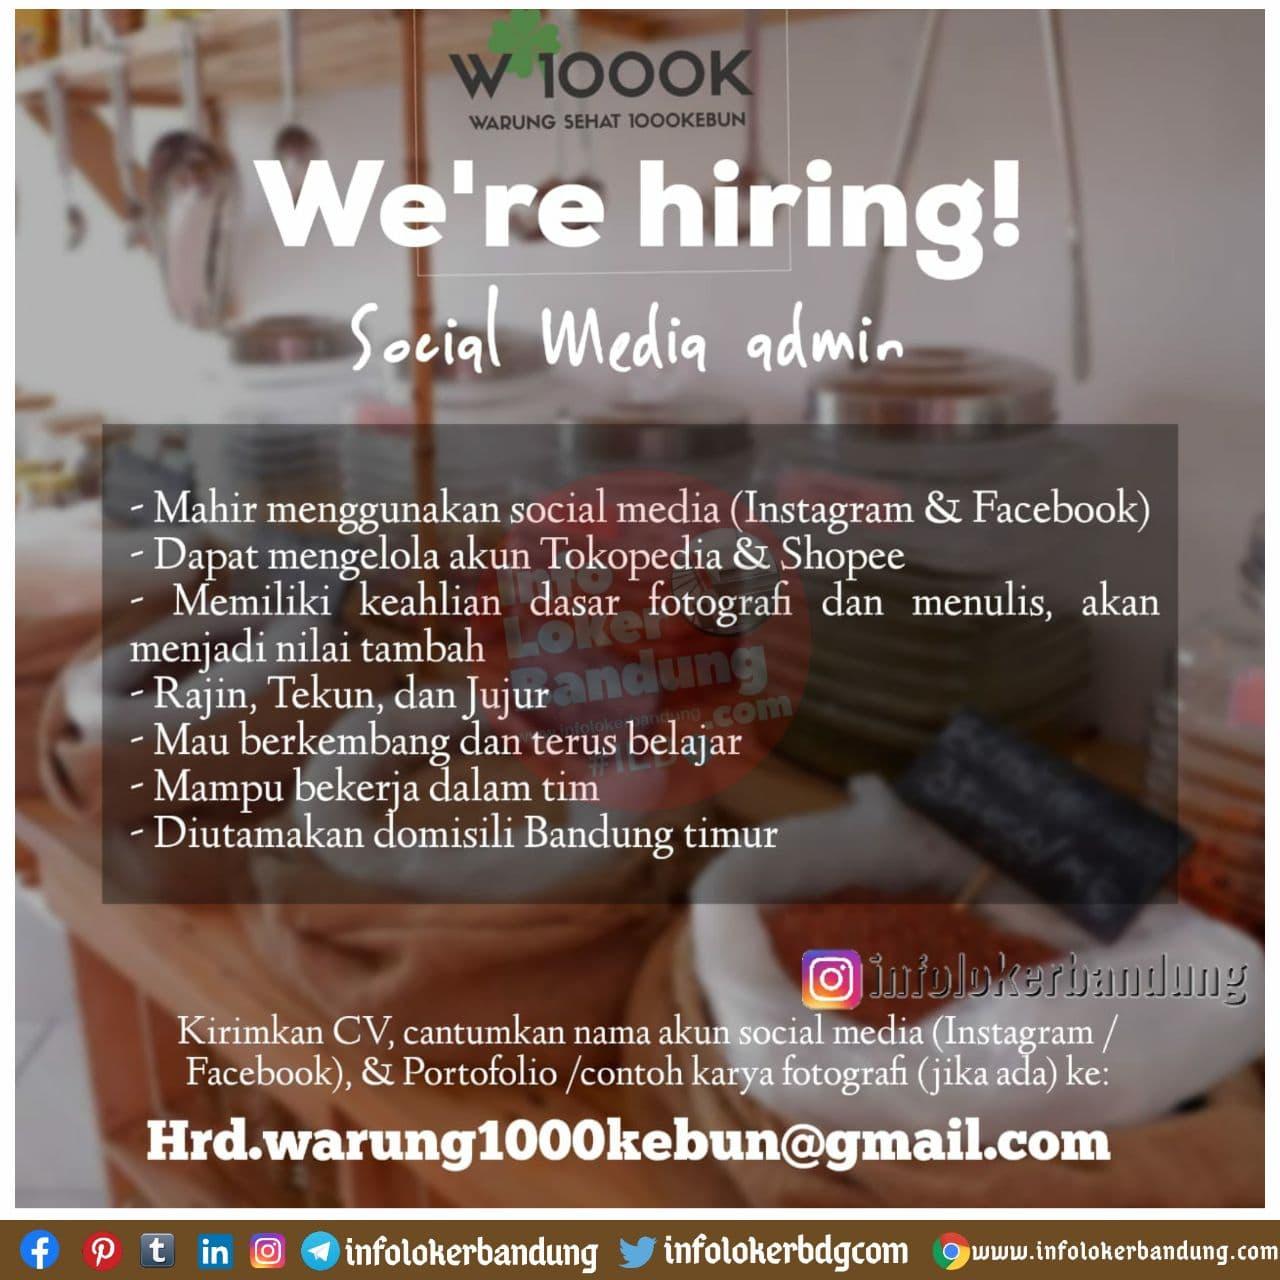 Lowongan Kerja Social Media Admin Warung 1000 Kebun Bandung Desember 2020